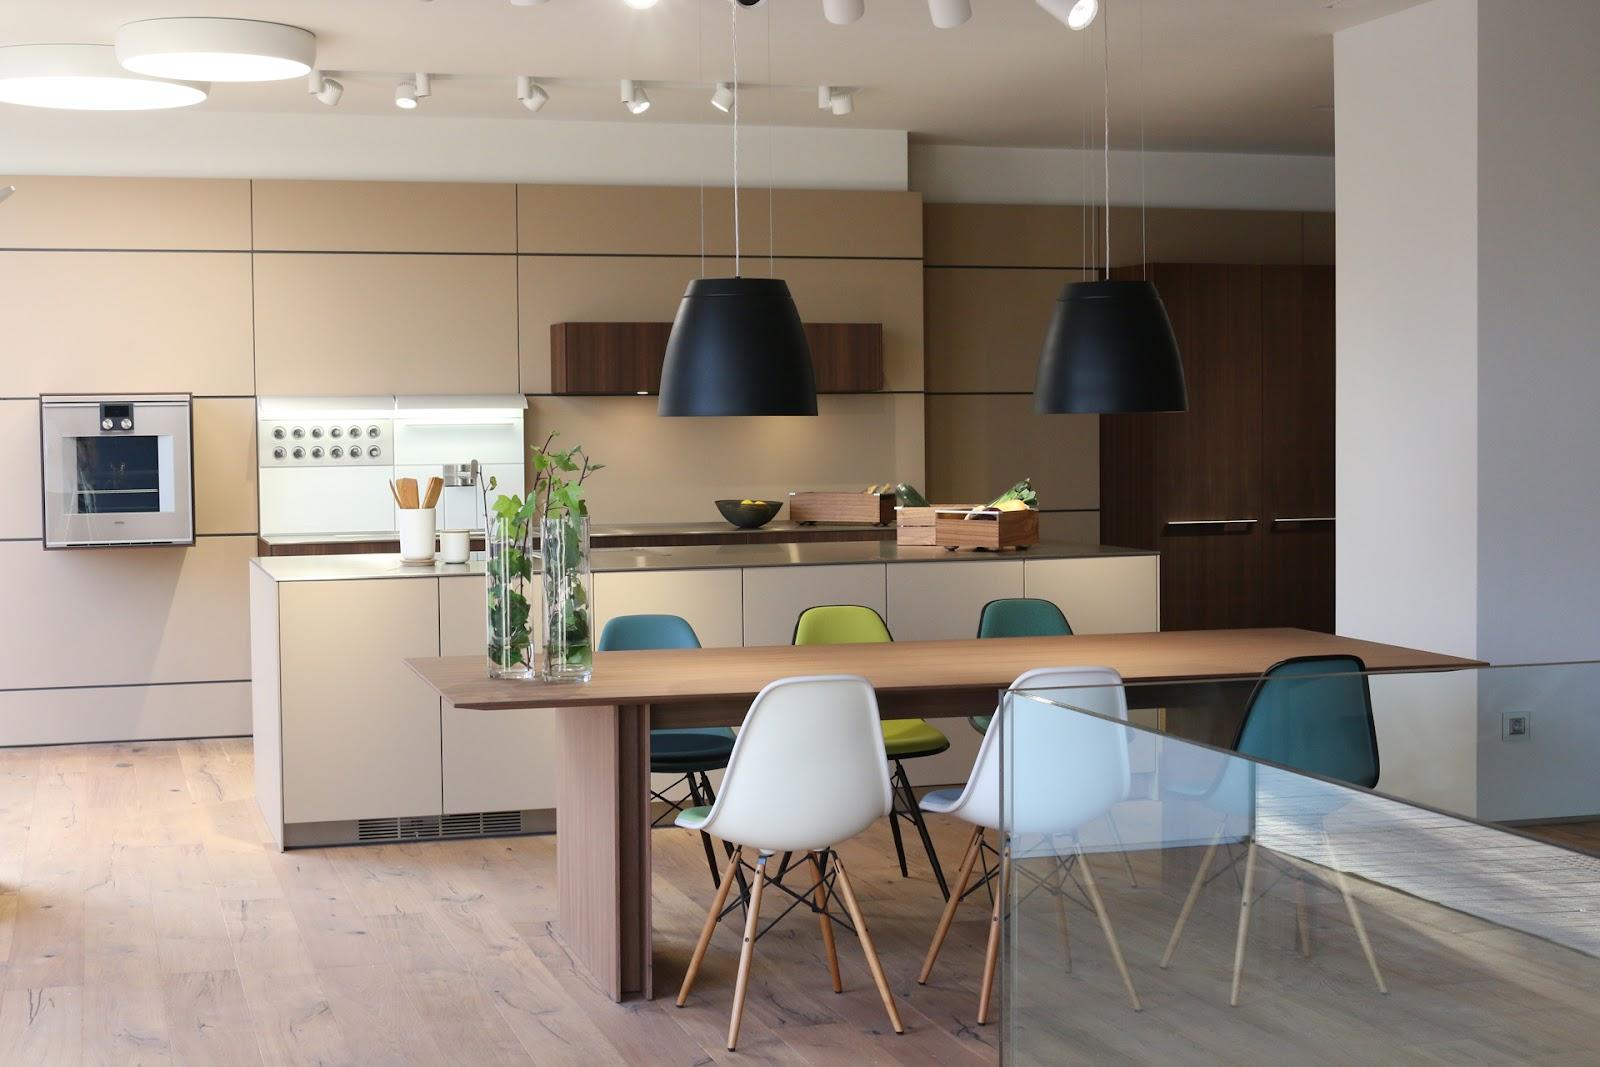 Tiendas De Cocinas En Valencia   Ruben Muedra Estudio De Arquitectura Valencia Arquitectos Valencia